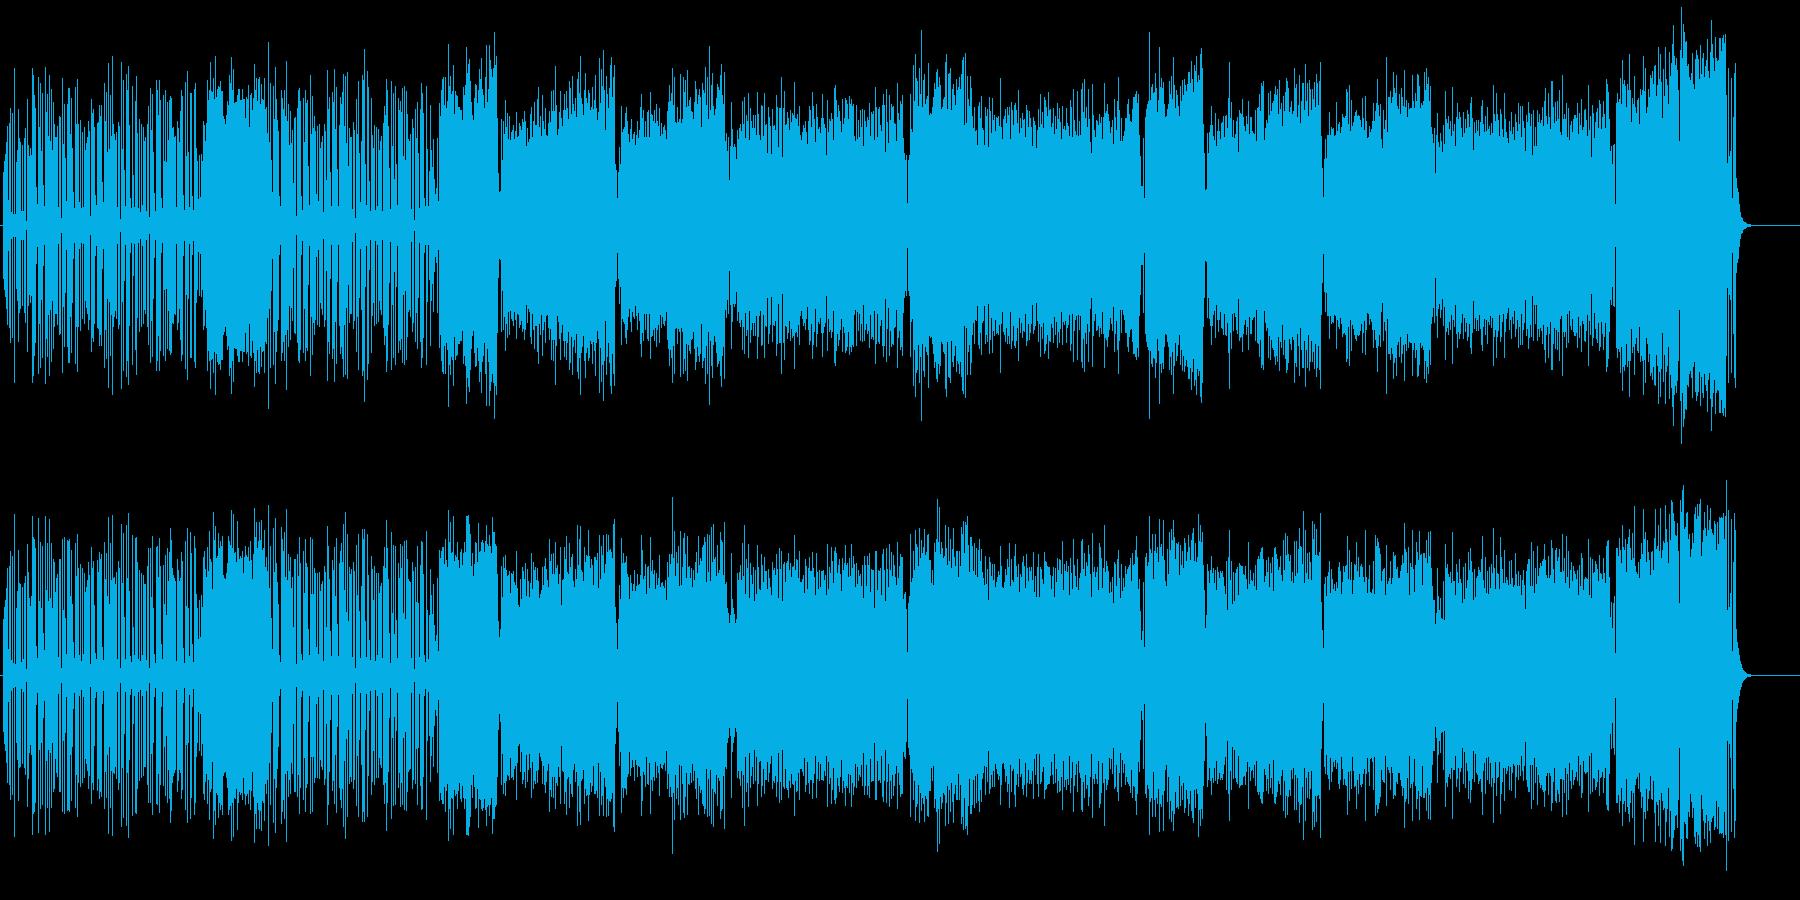 楽しきかなブロードウェイ・ミュージカル風の再生済みの波形